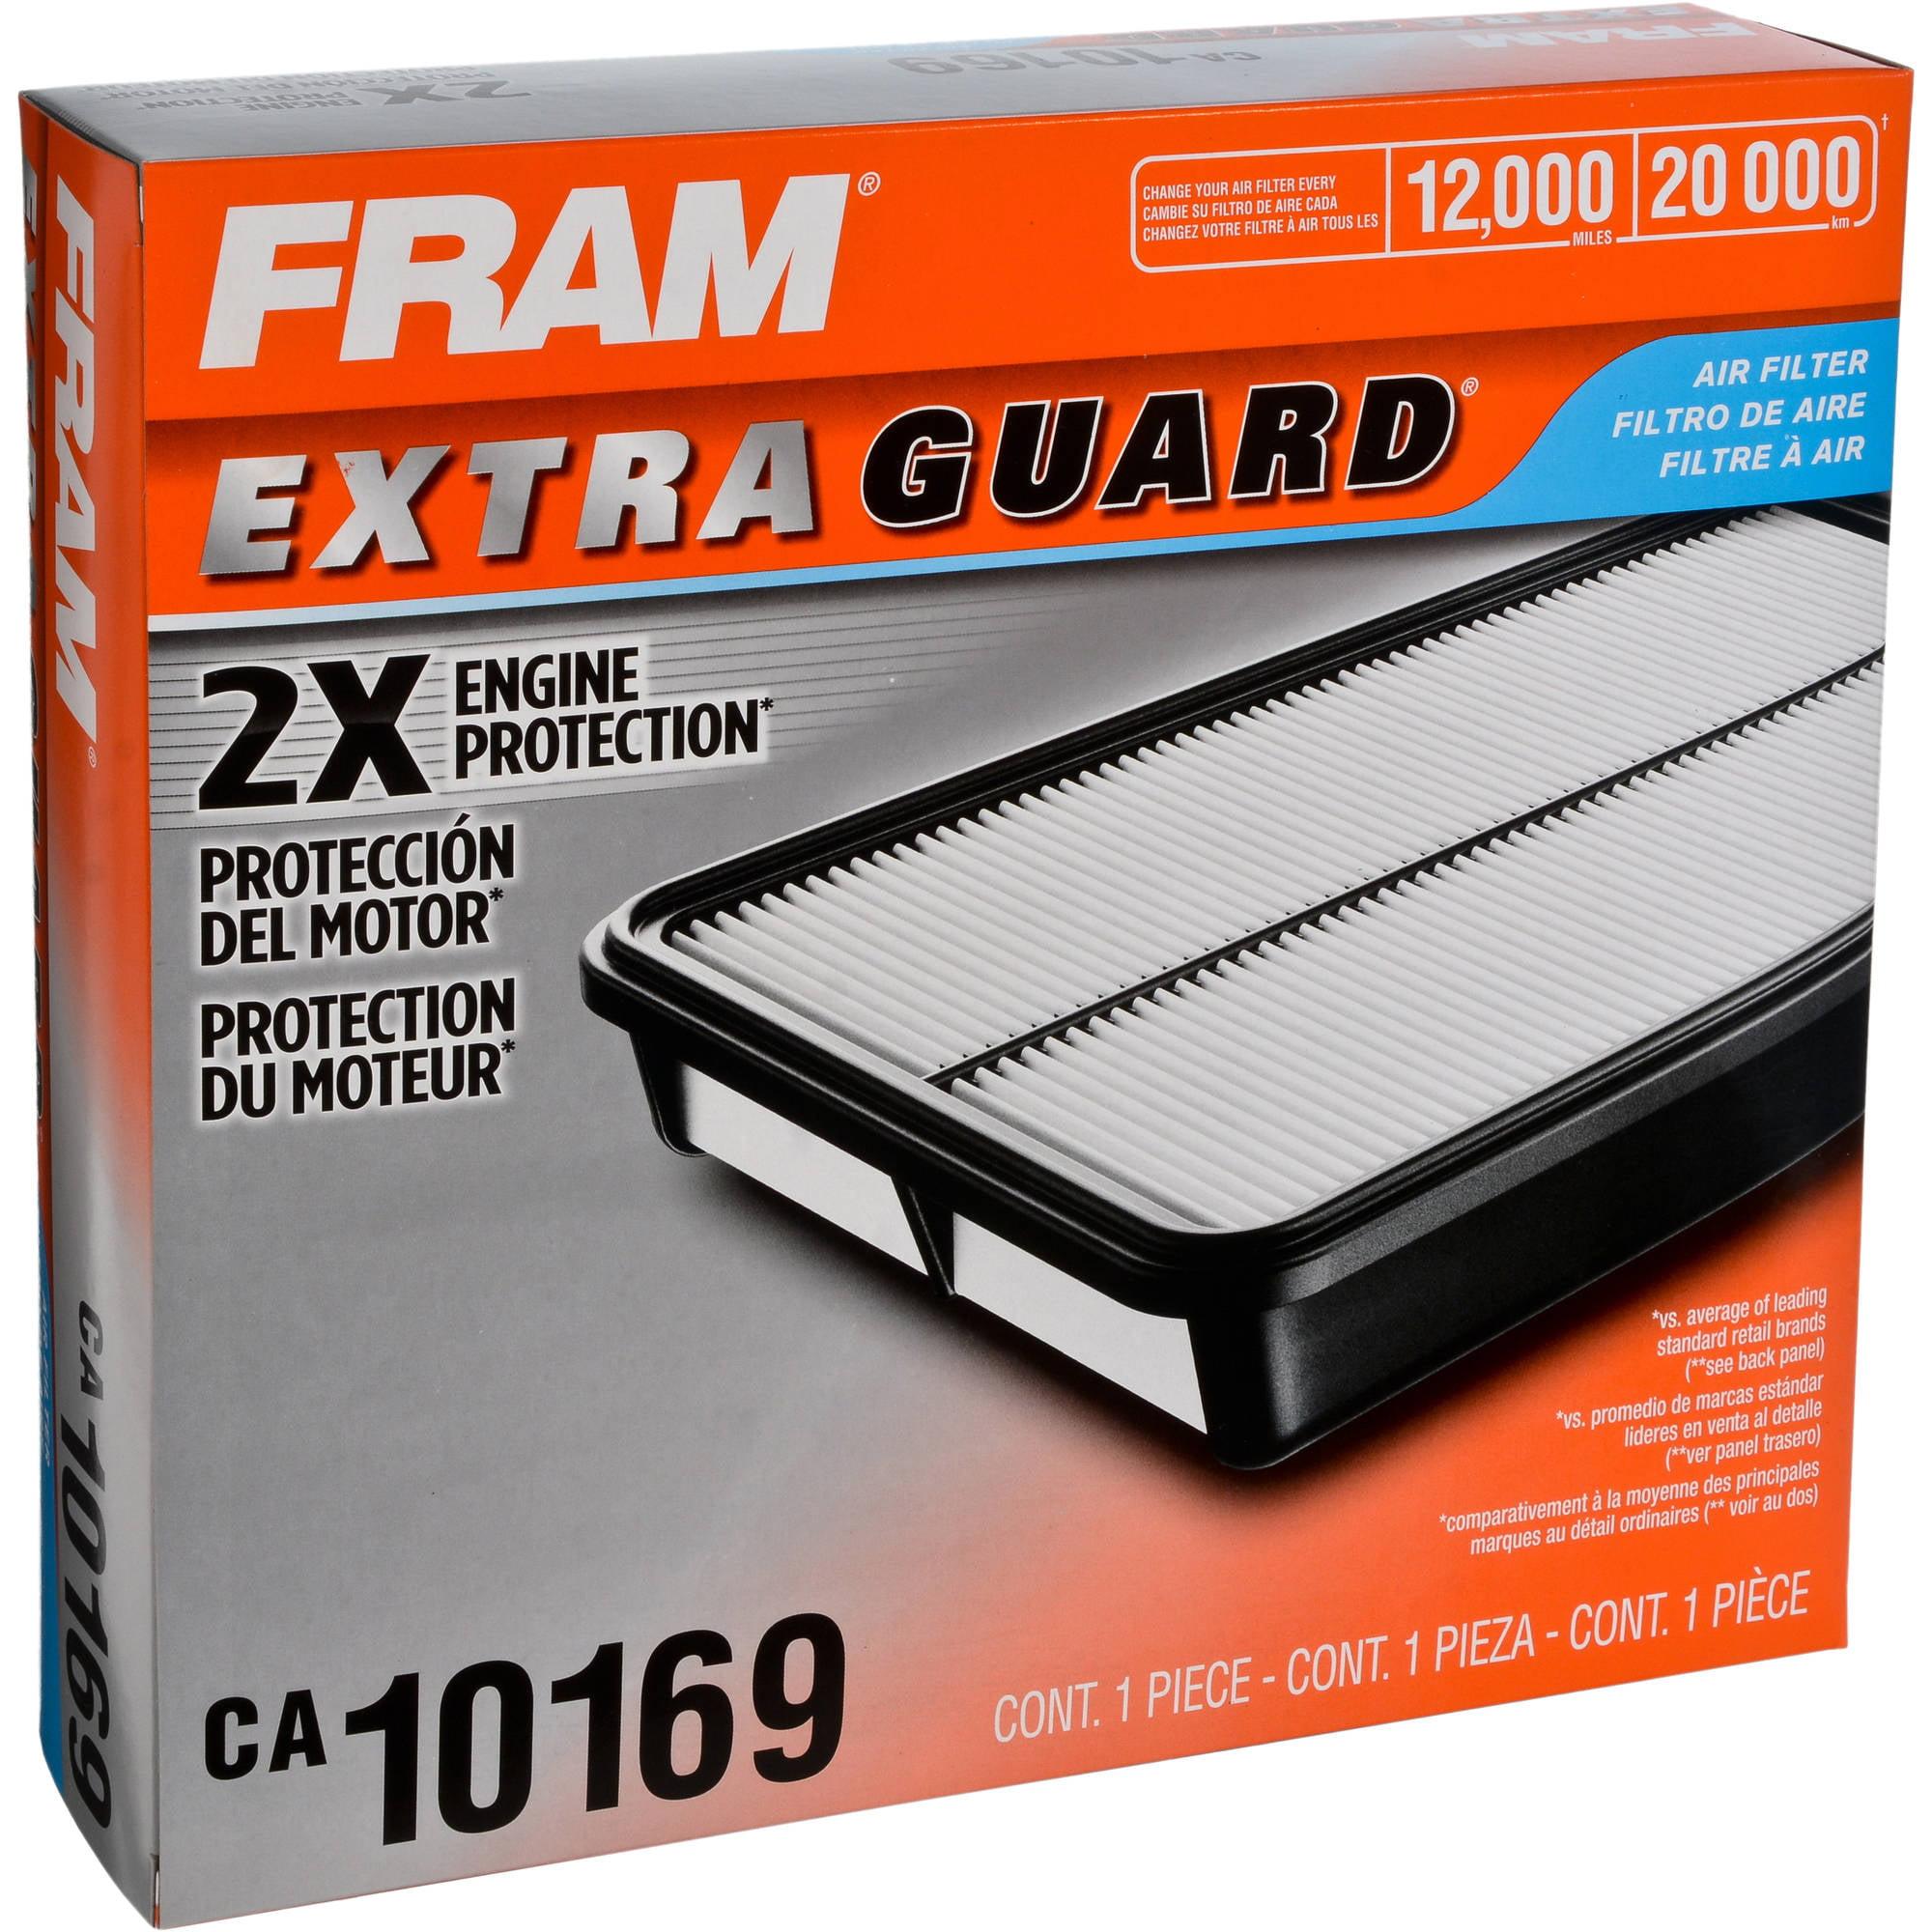 FRAM Extra Guard Air Filter, CA10169